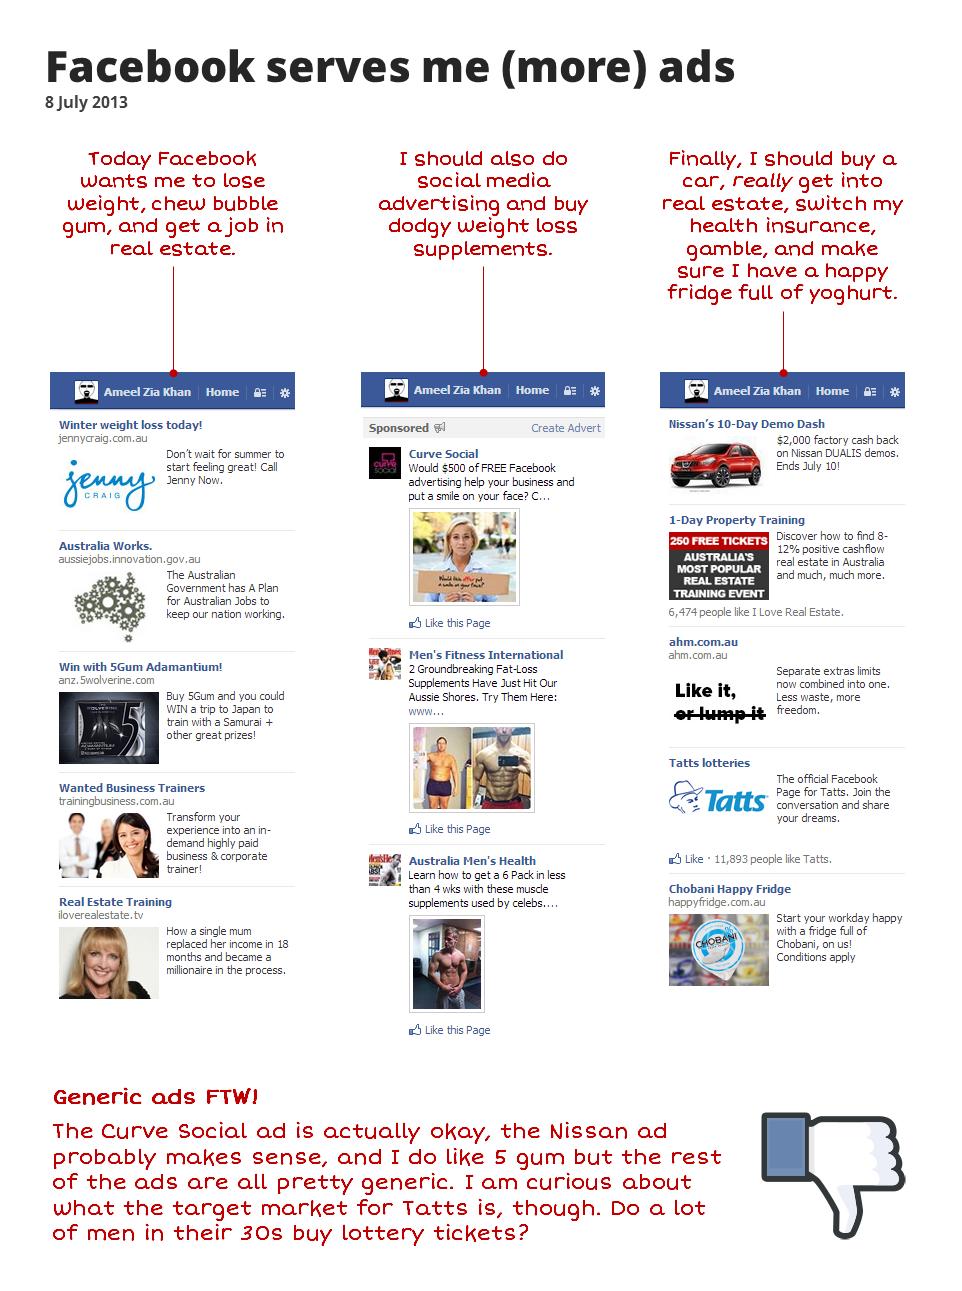 Facebook serves me ads - 2013-07-08.png